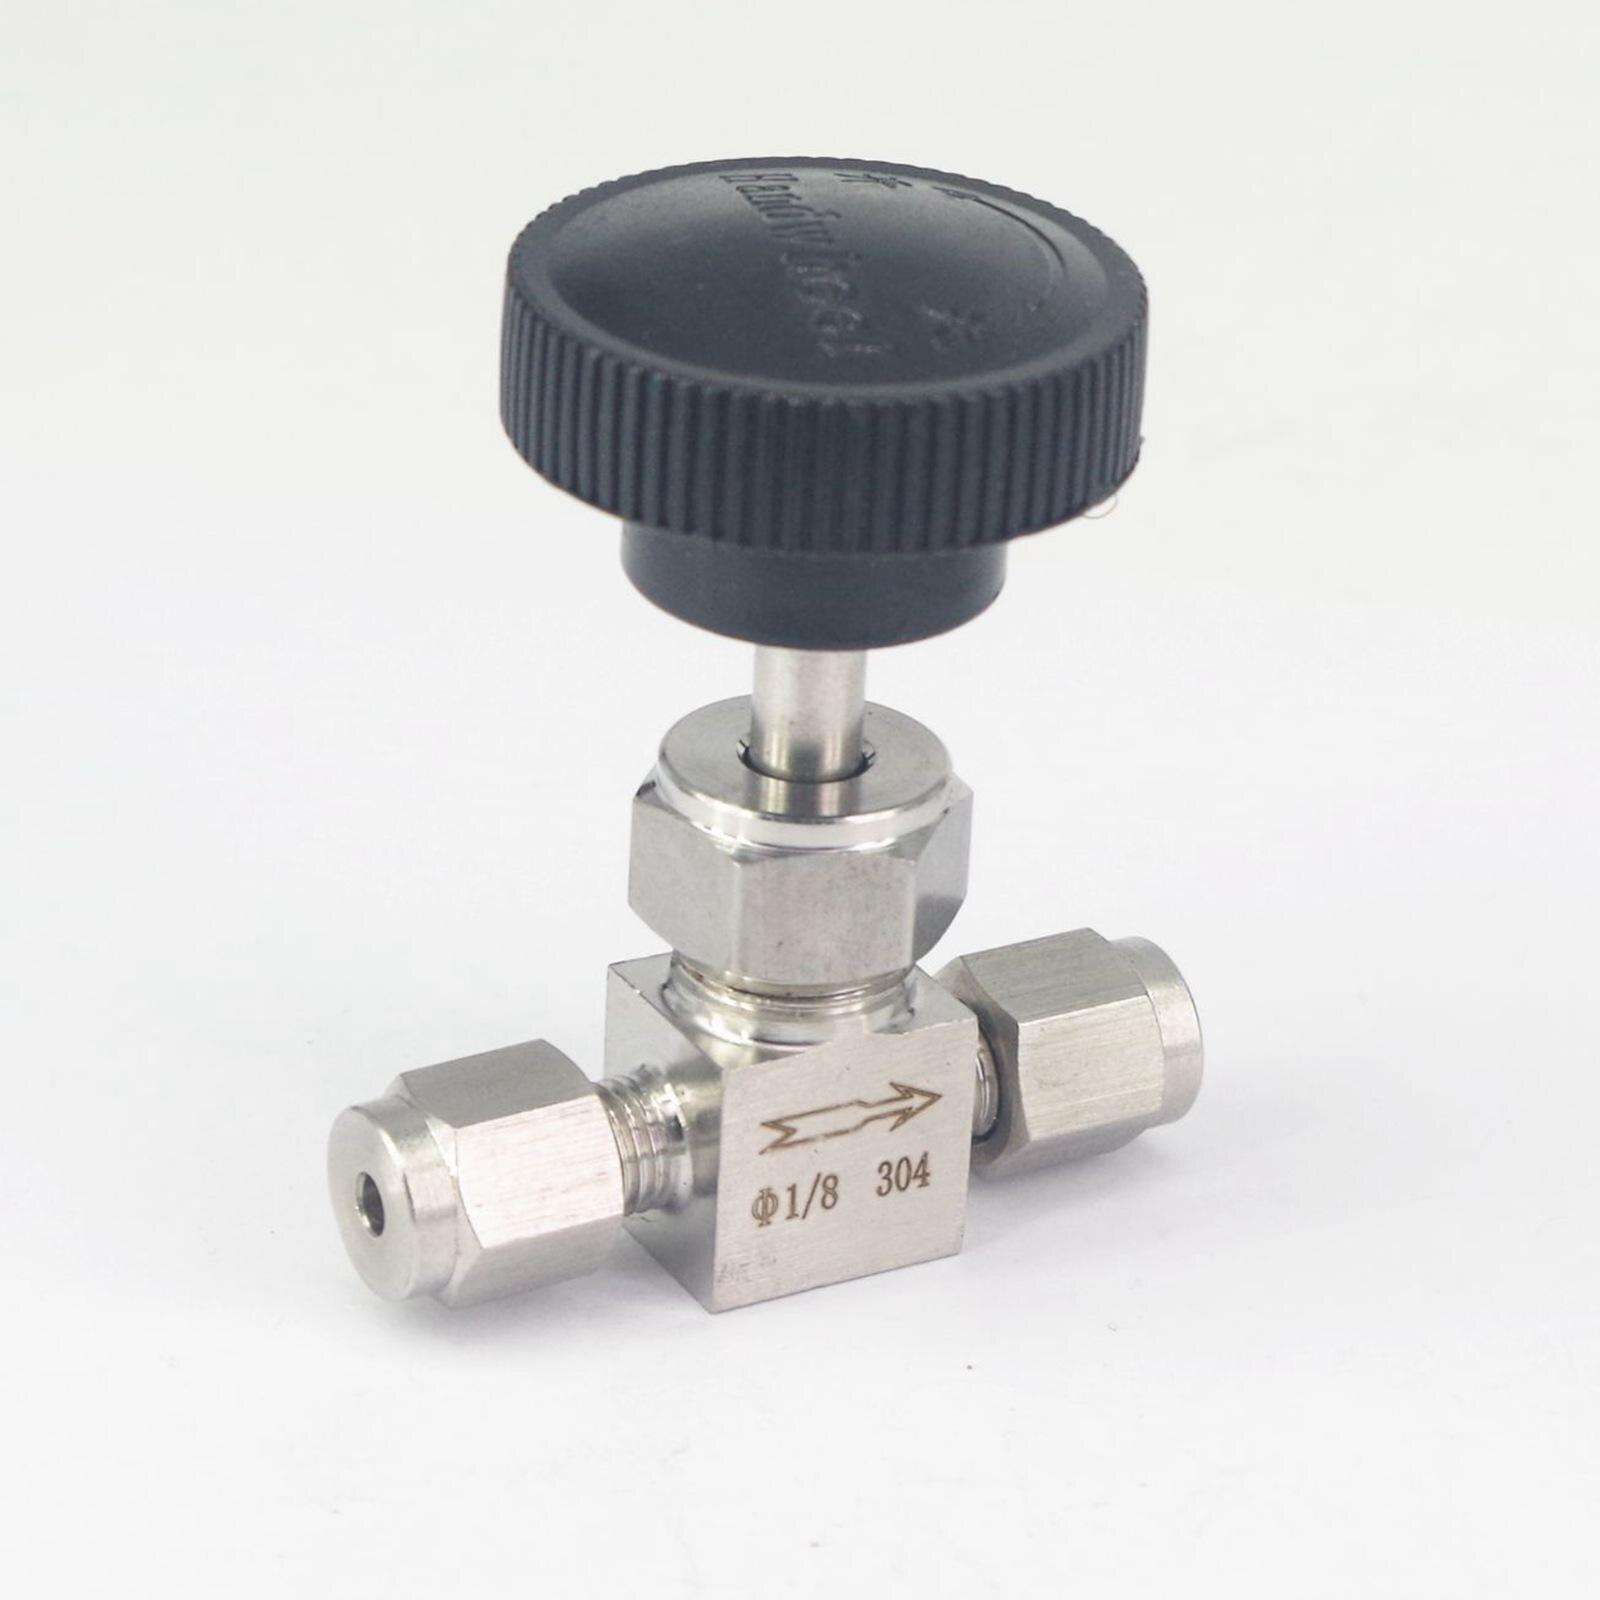 Fit 1/8 od Rohr 304 Edelstahl Abgeschaltet Flow Control Nadel Ventil Luft Kompression Fitting 6,4 Mpa Zu Den Ersten äHnlichen Produkten ZäHlen Rohrverbindungsstücke